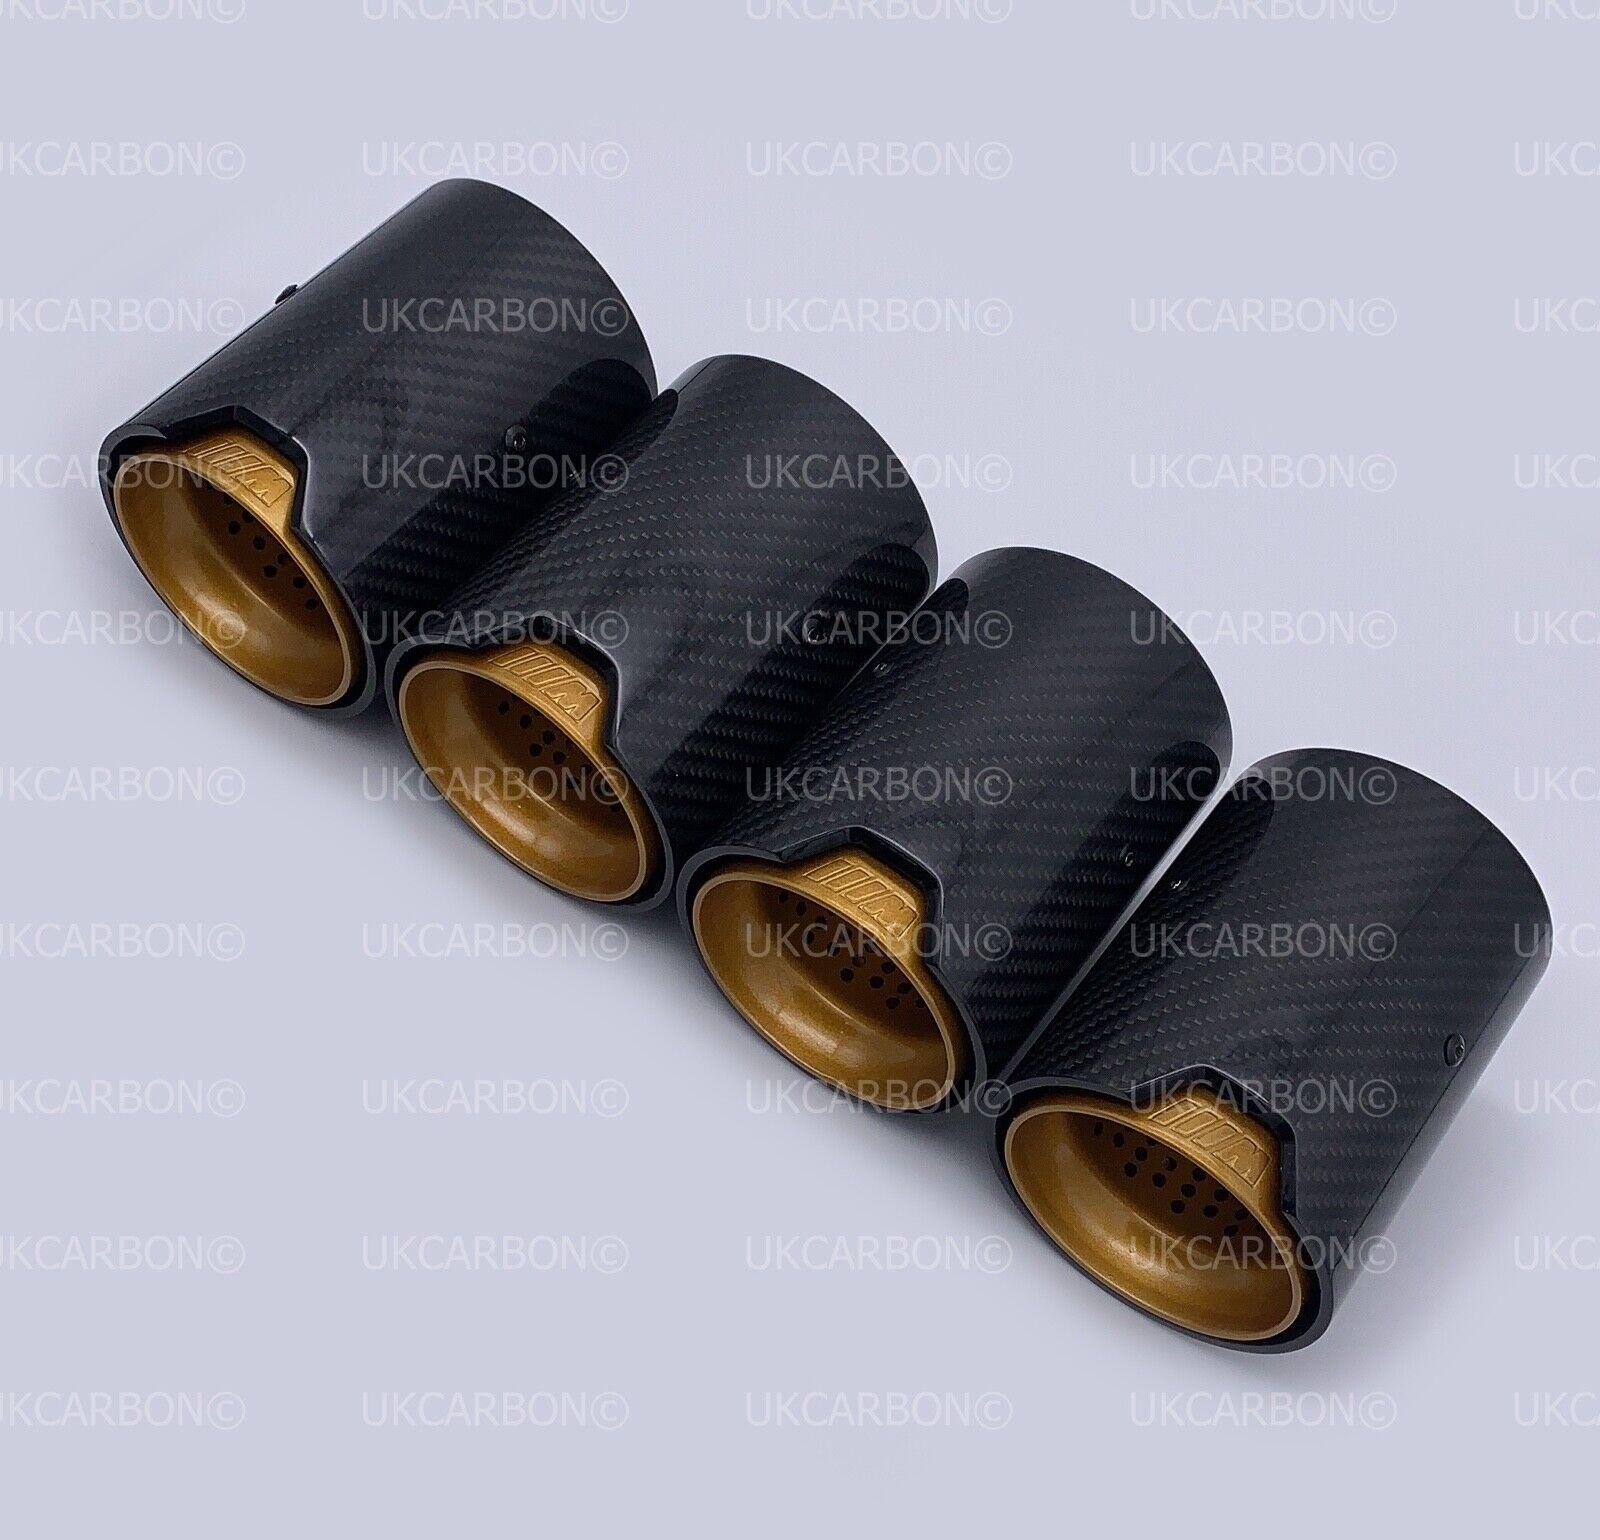 ukcarbon gold carbon fibre exhaust tips